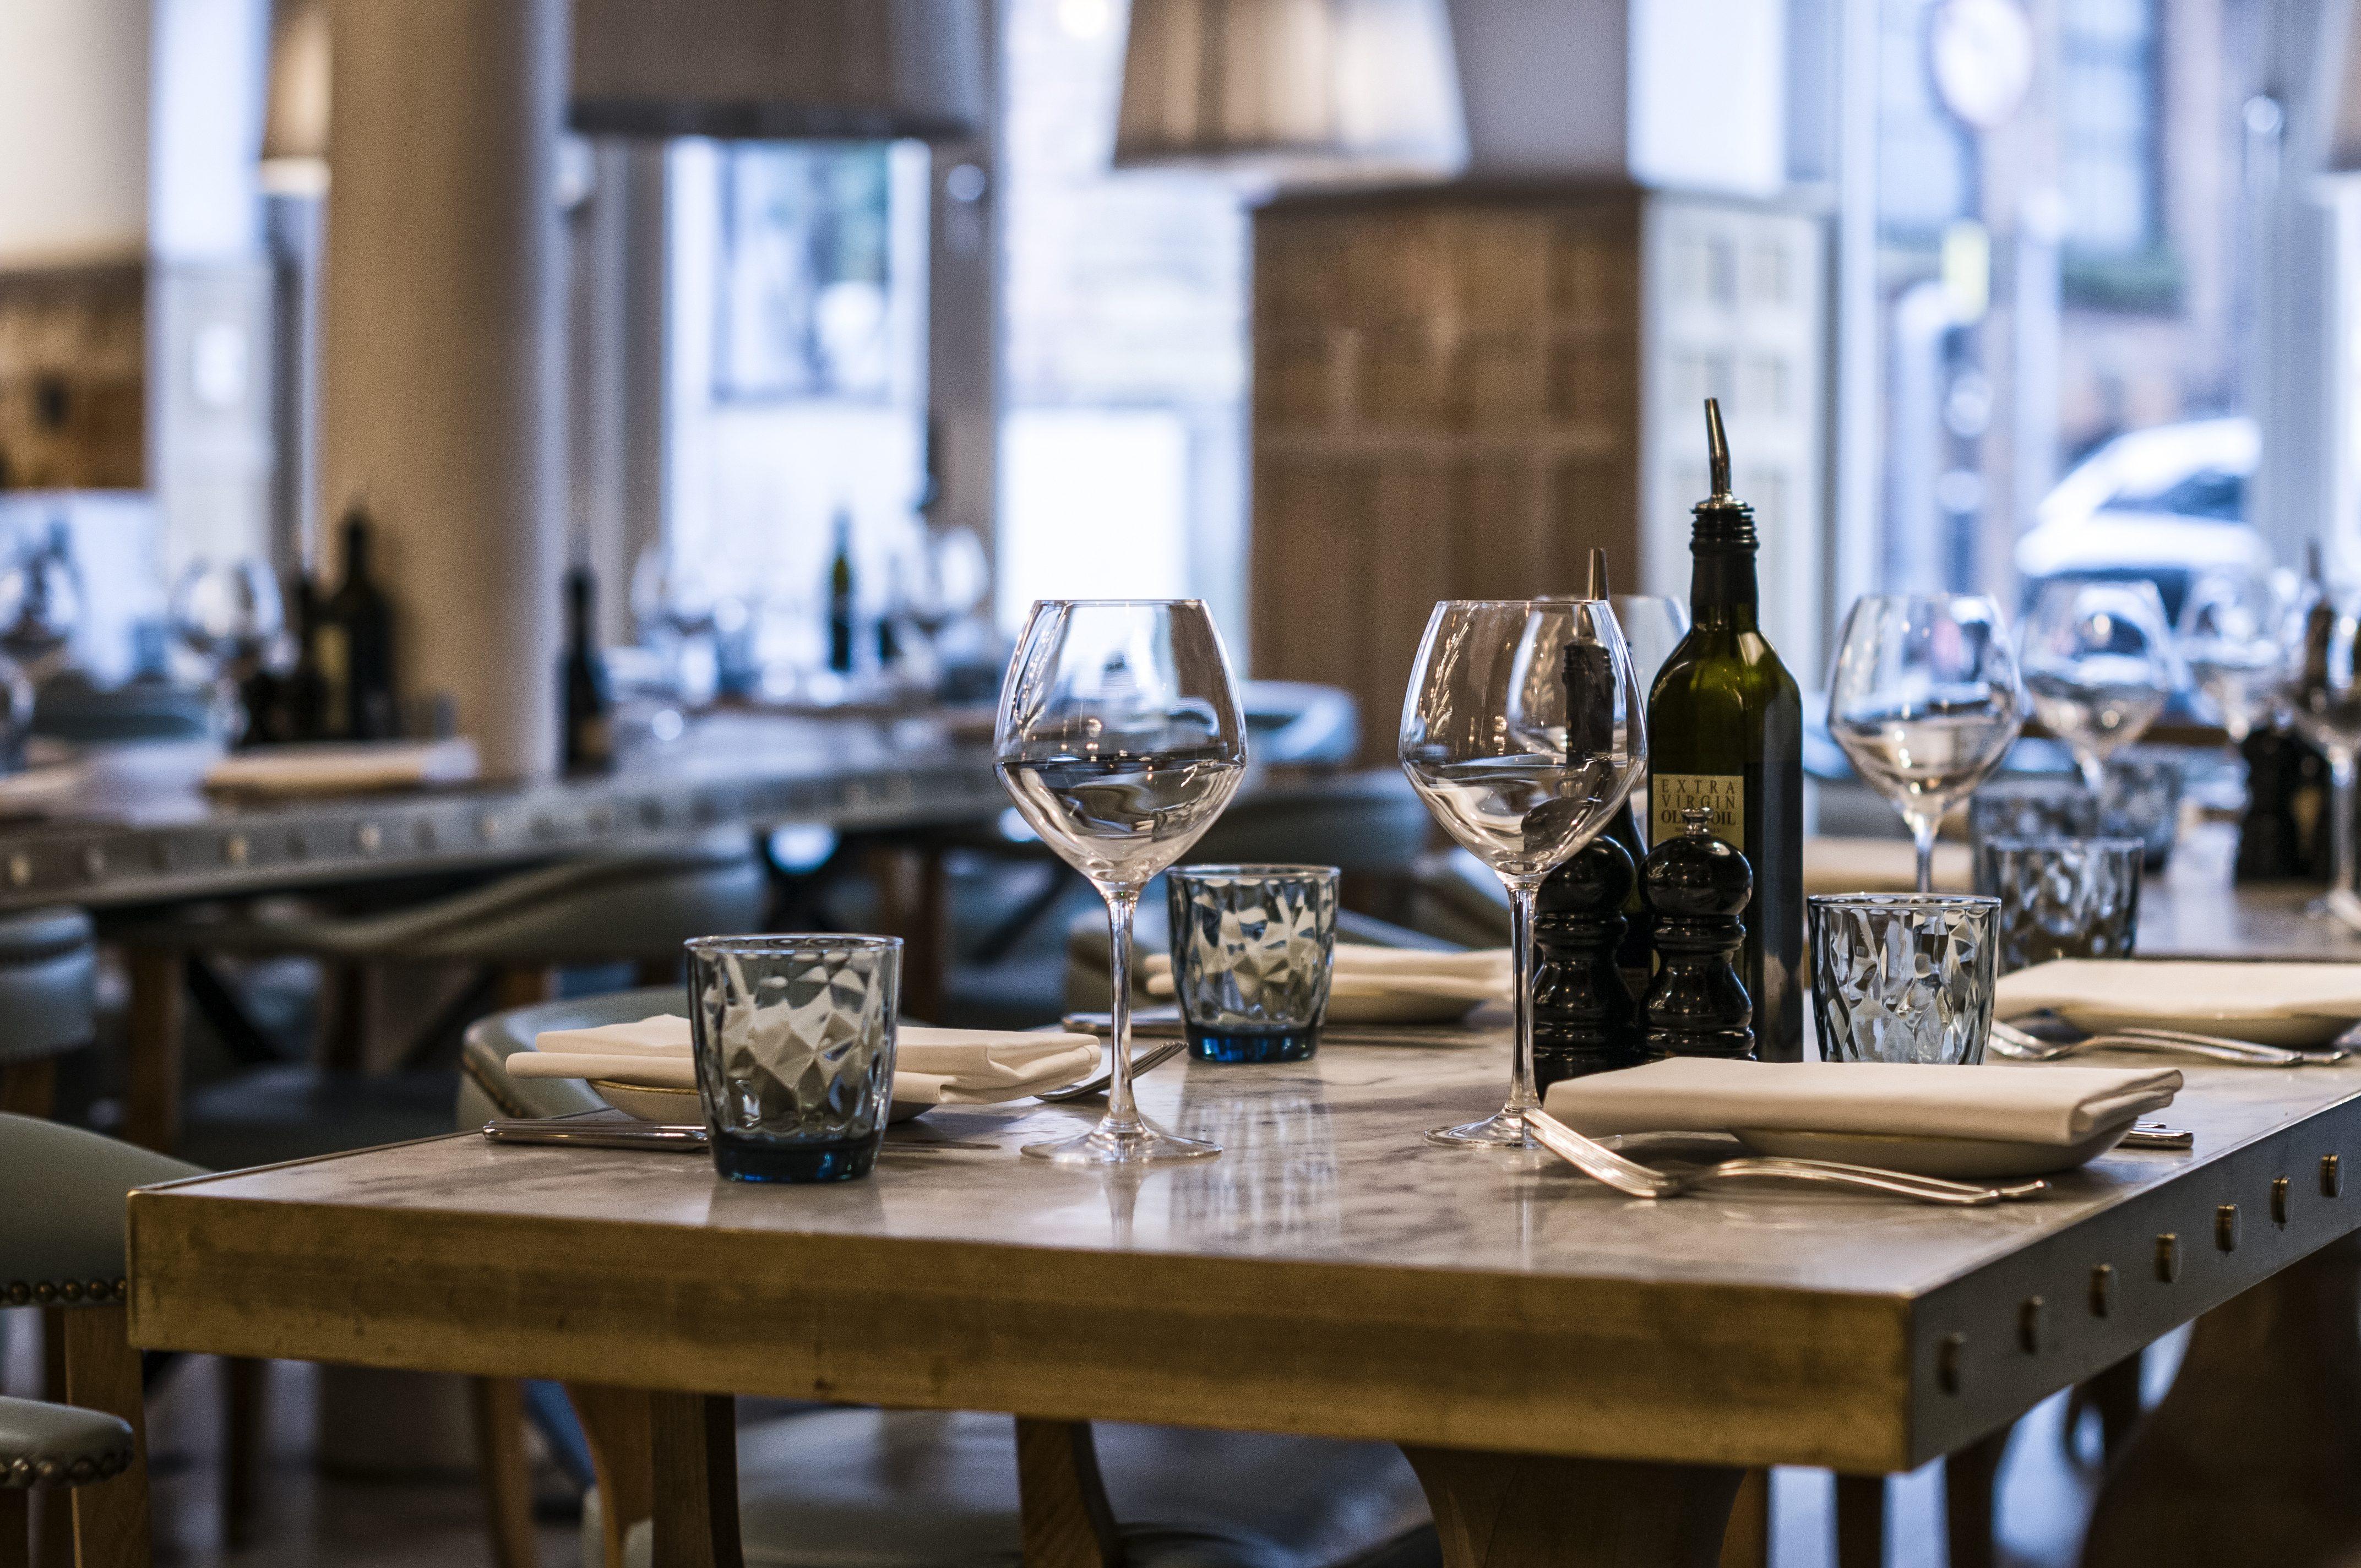 Coronavirus, le novità del decreto: limitazioni per ristoranti, bar e pub